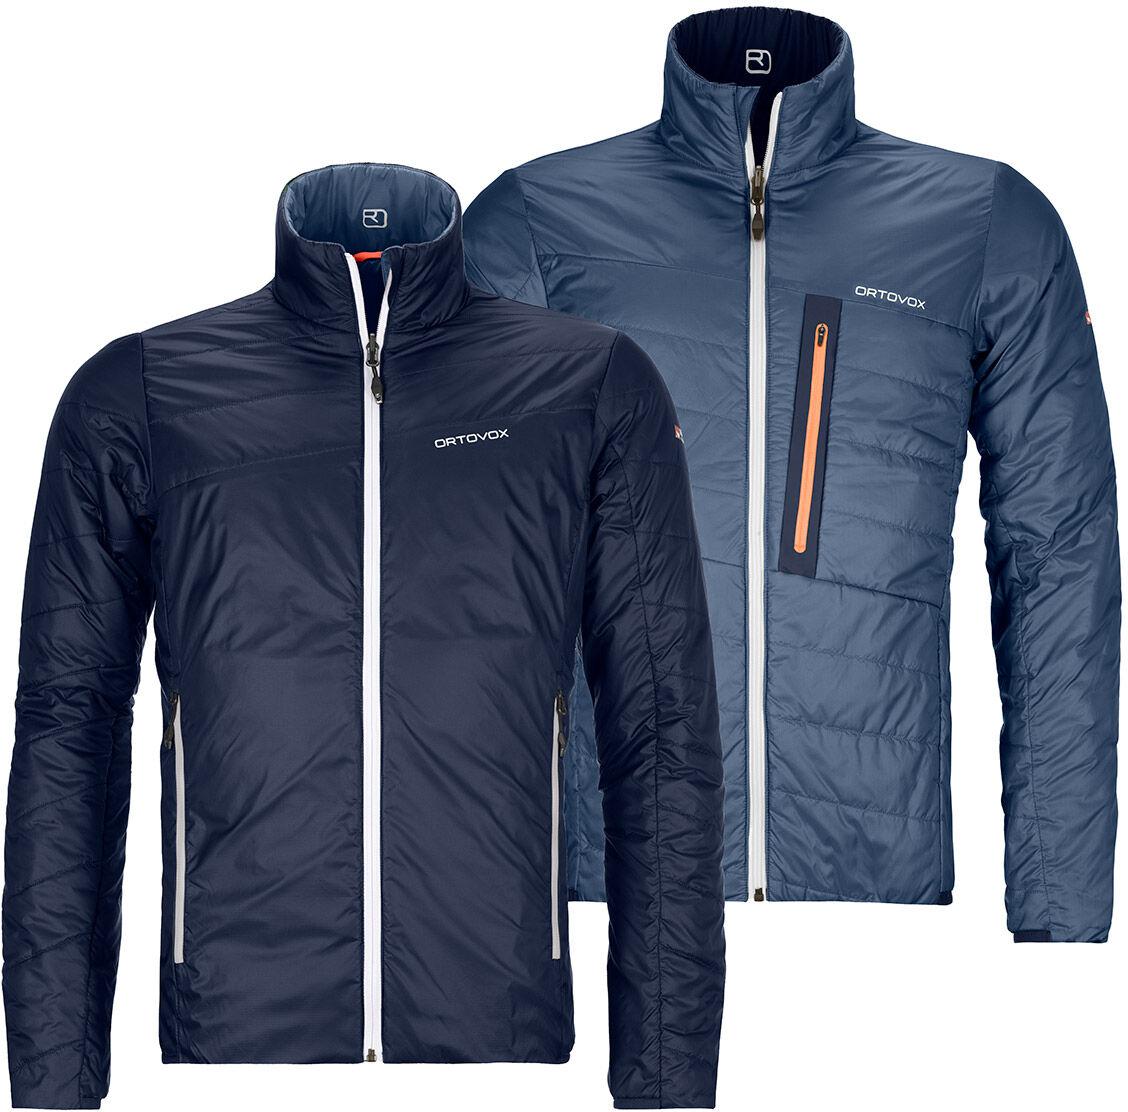 Herrenmäntel & Jacken für Herren kaufen | INTERSPORT